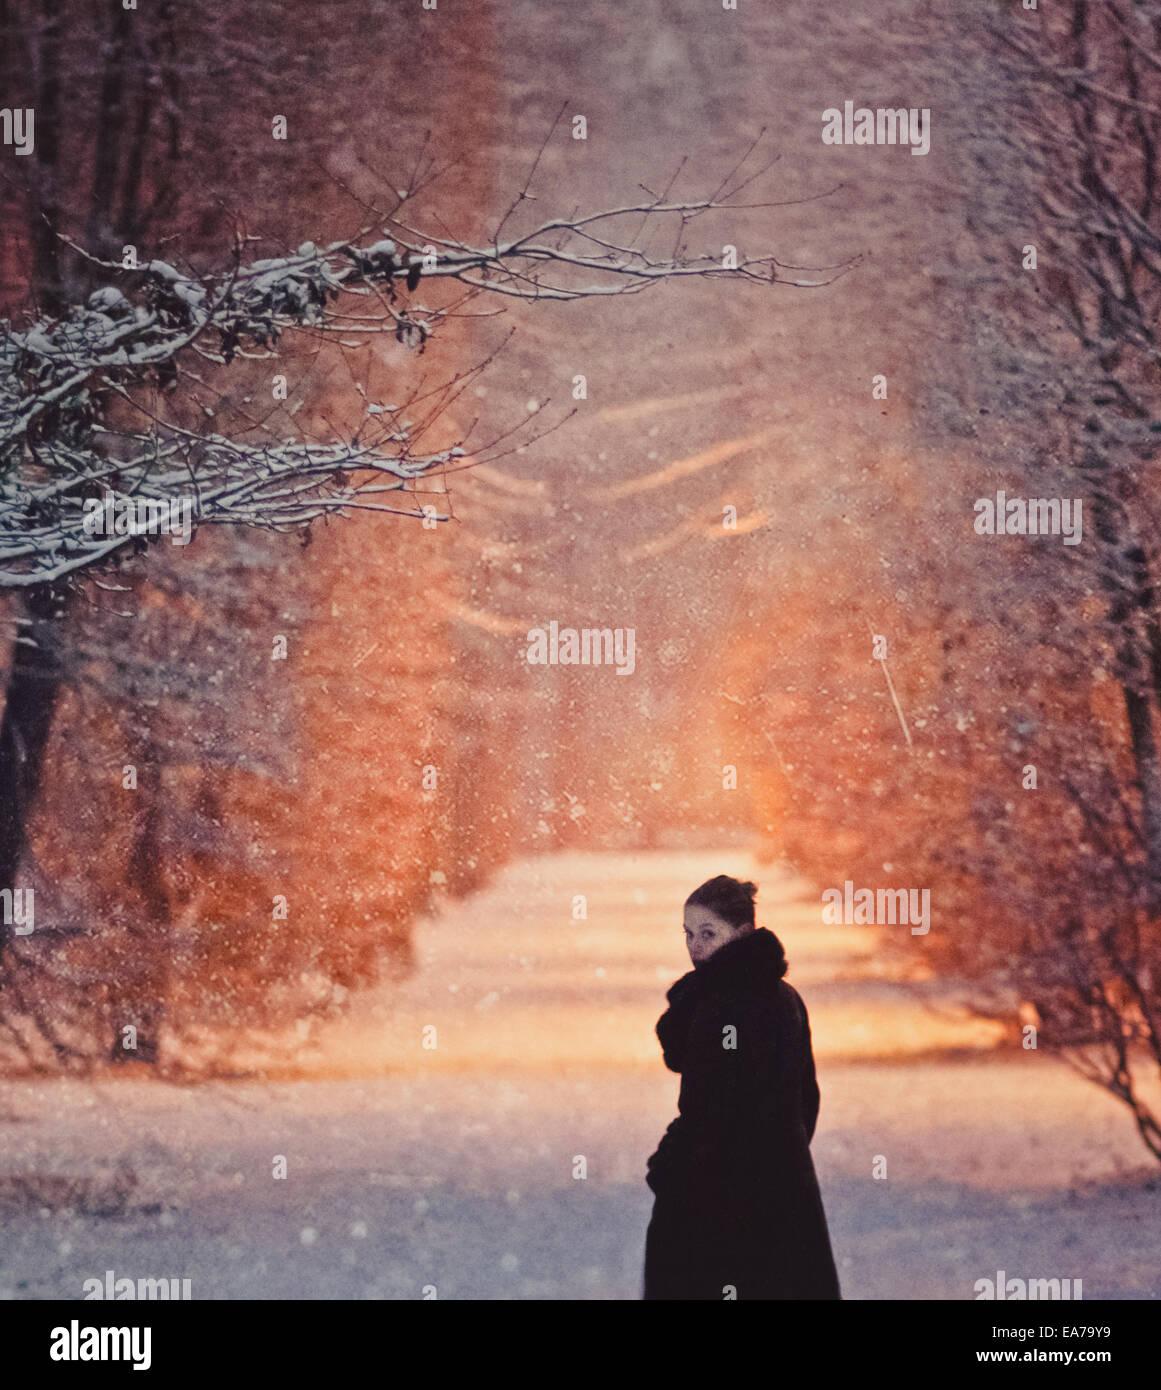 Una passeggiata in un parco innevato Foto Stock